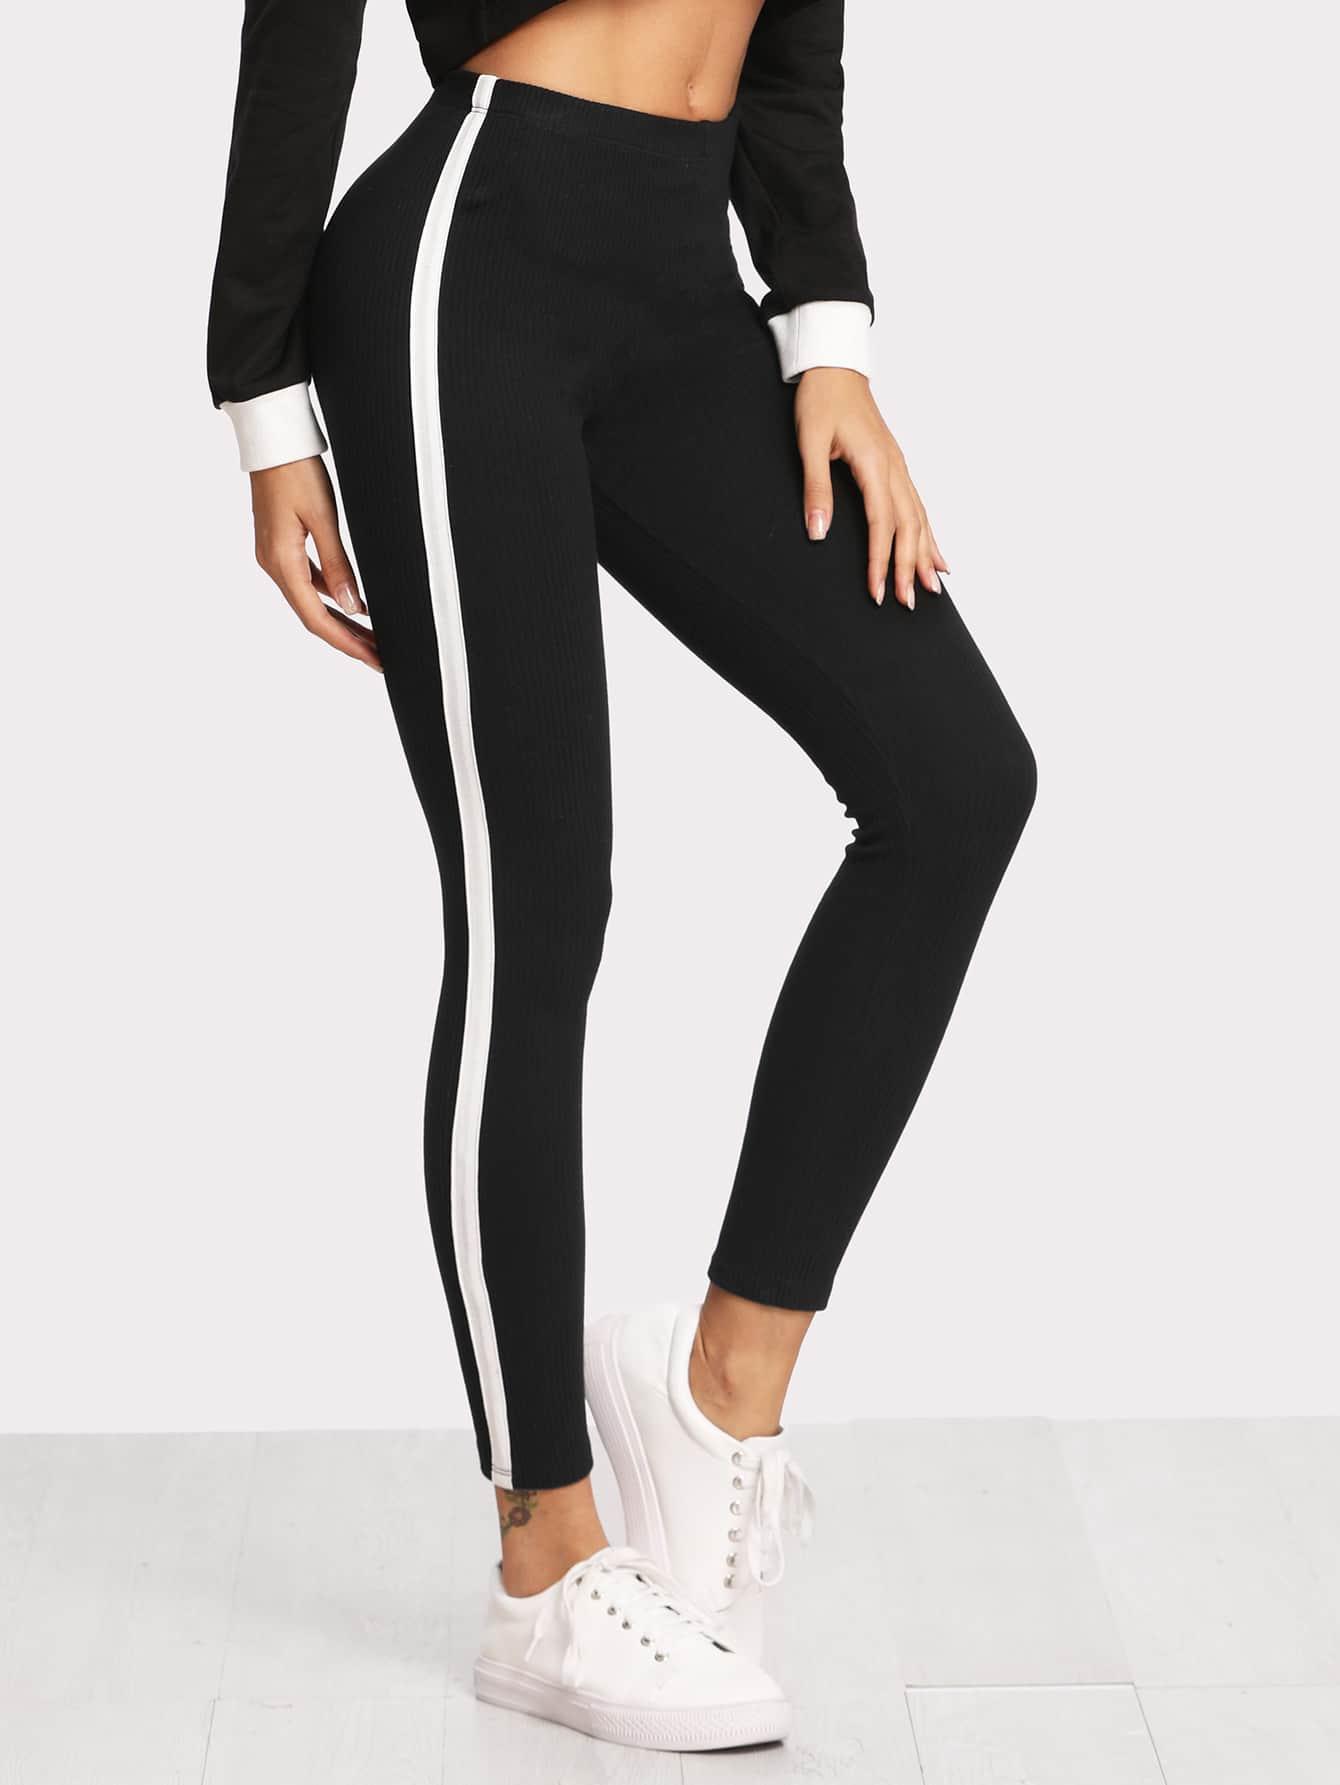 Stripe Contrast Side Leggings leggings171120030